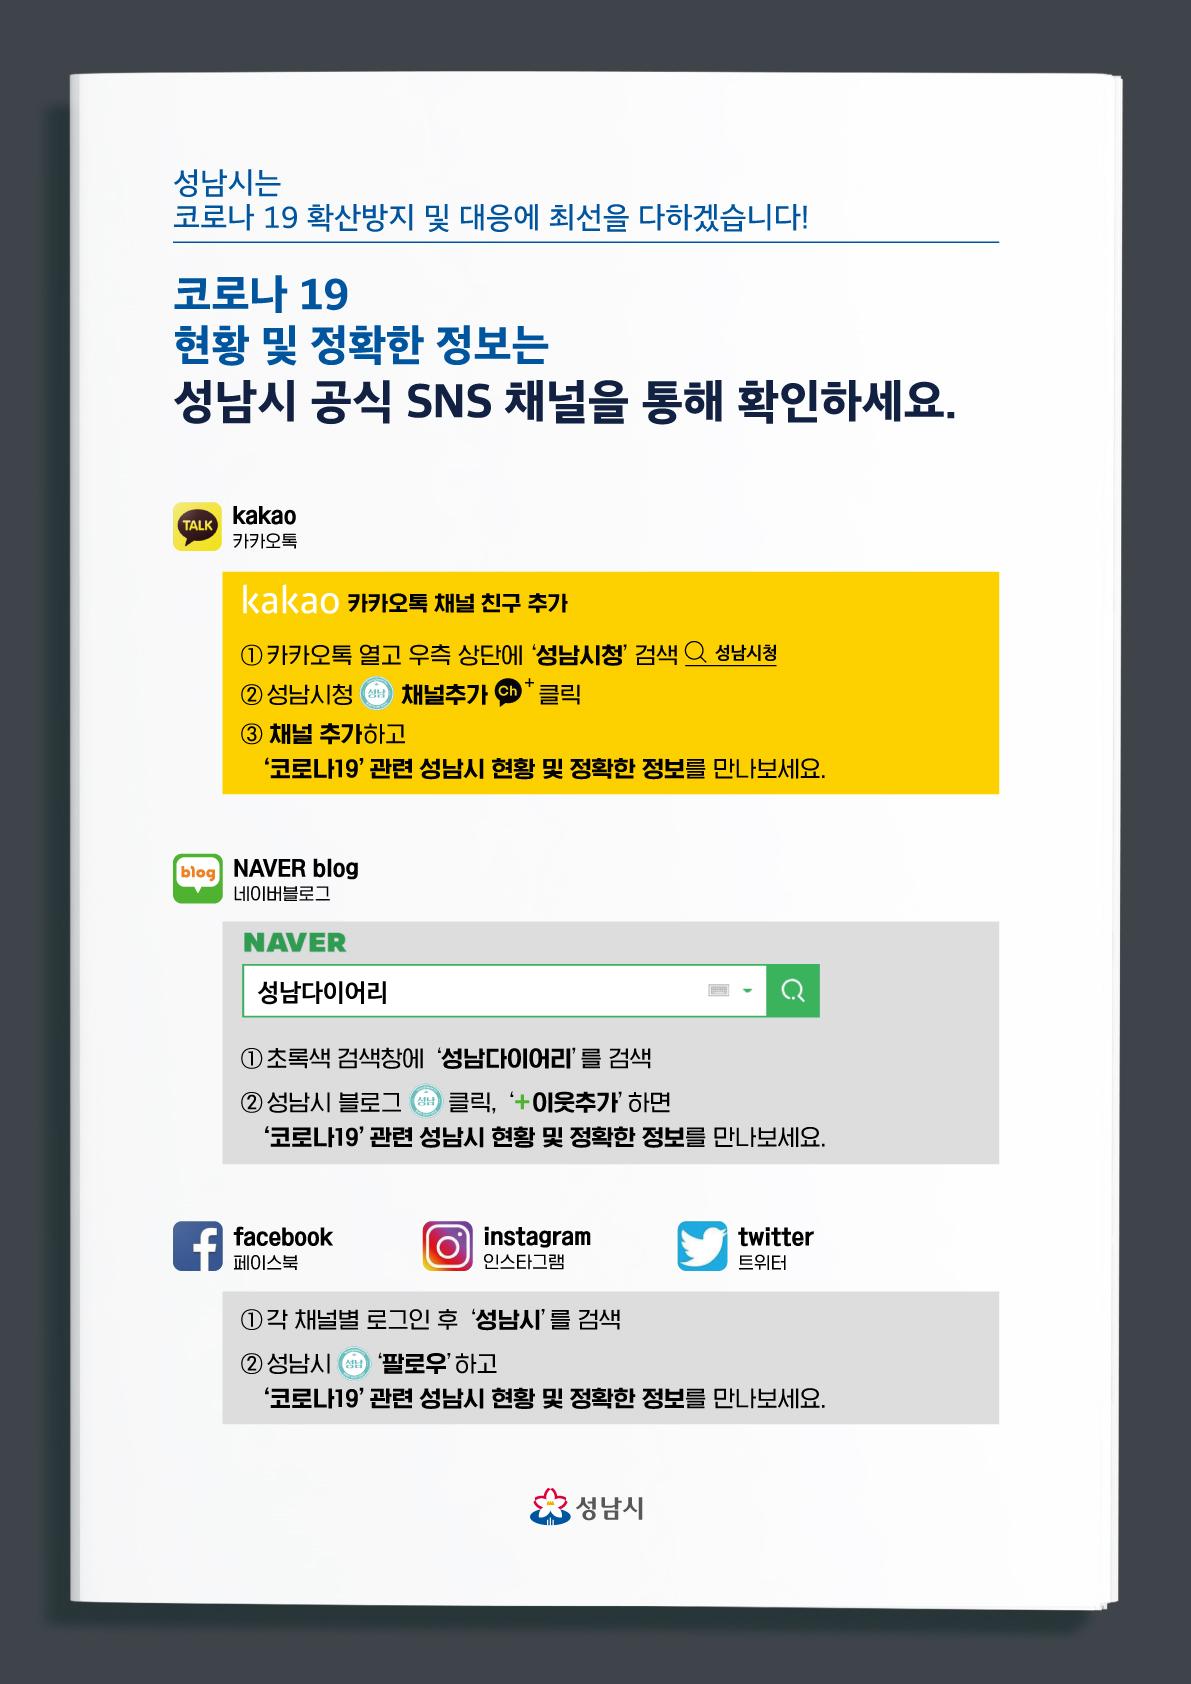 현황 및 정보는 성남시 공식 SNS 채널을 통해 확인하세요